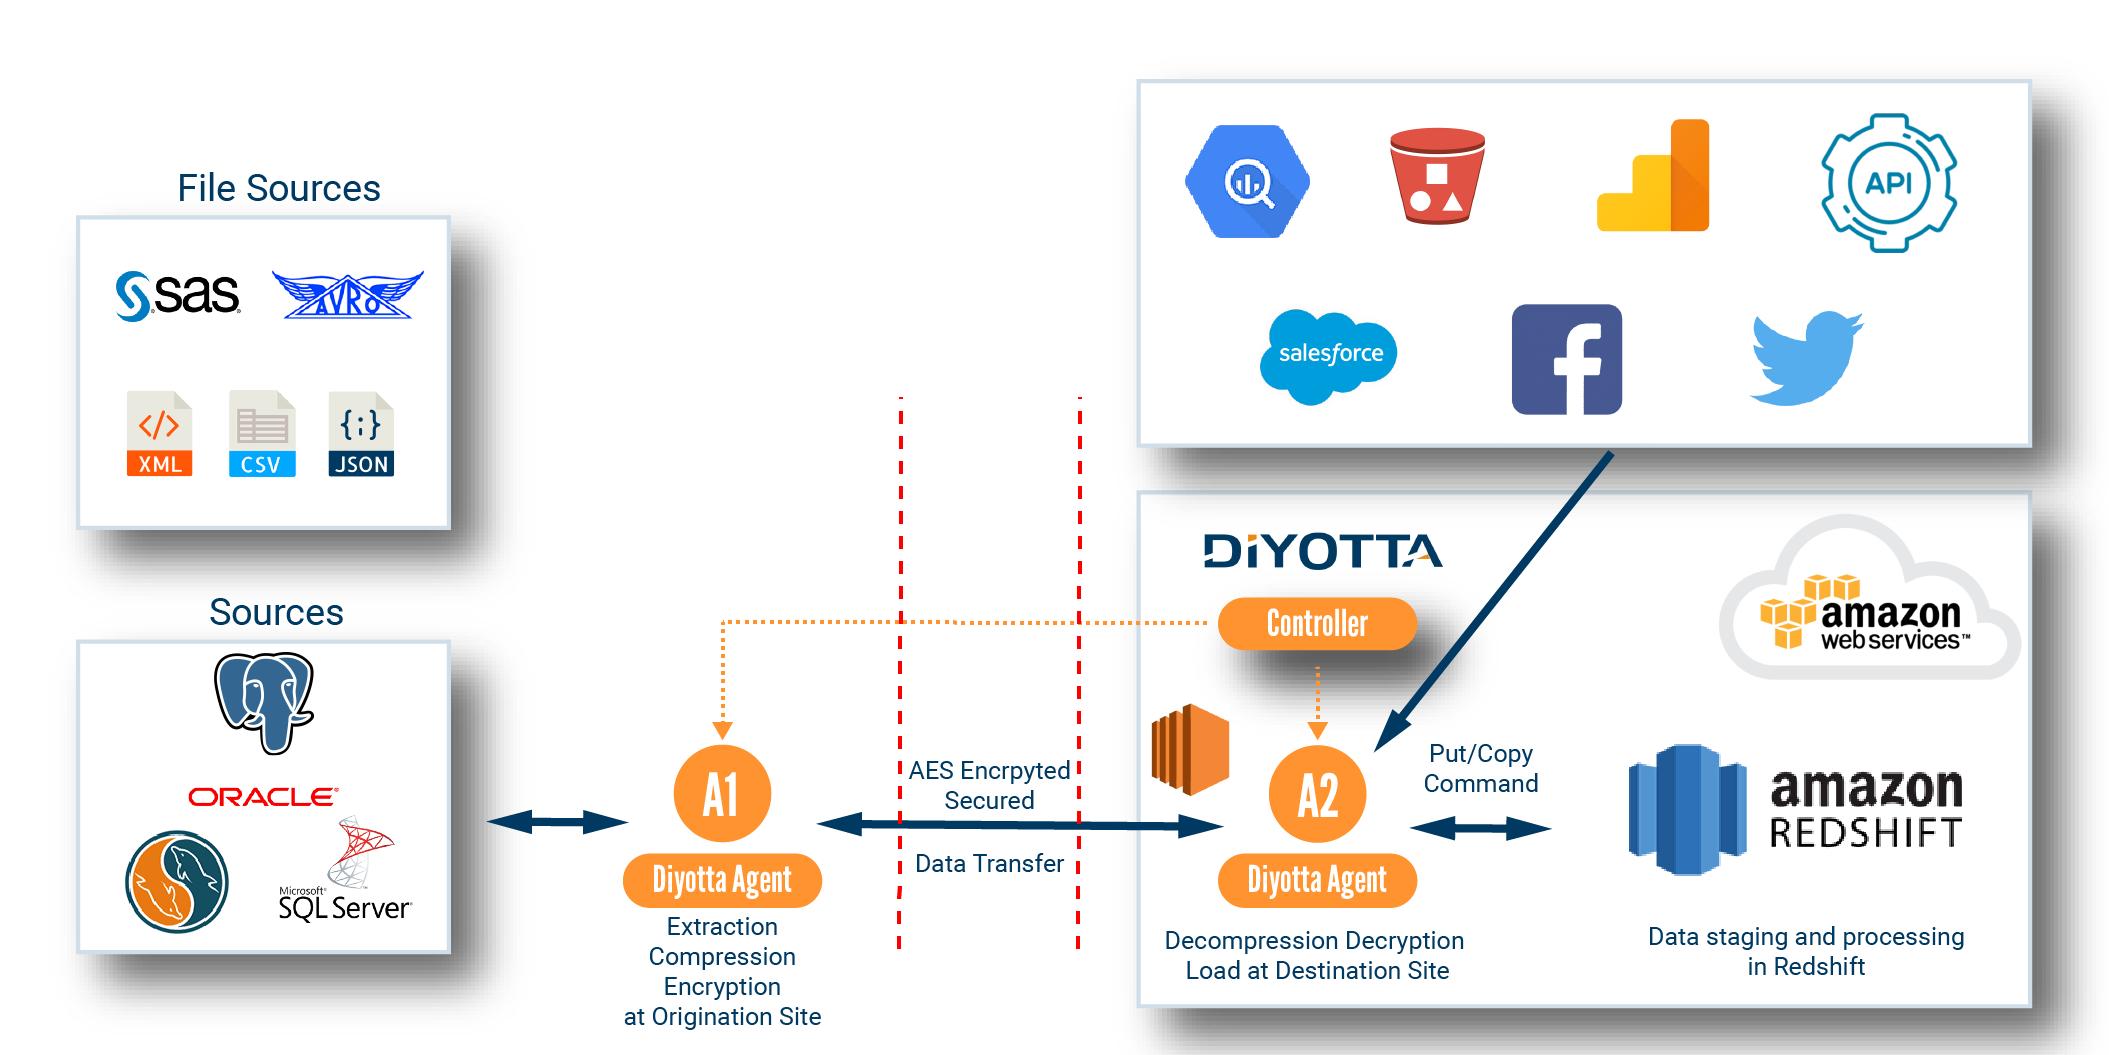 Diyotta ETL for Redshift